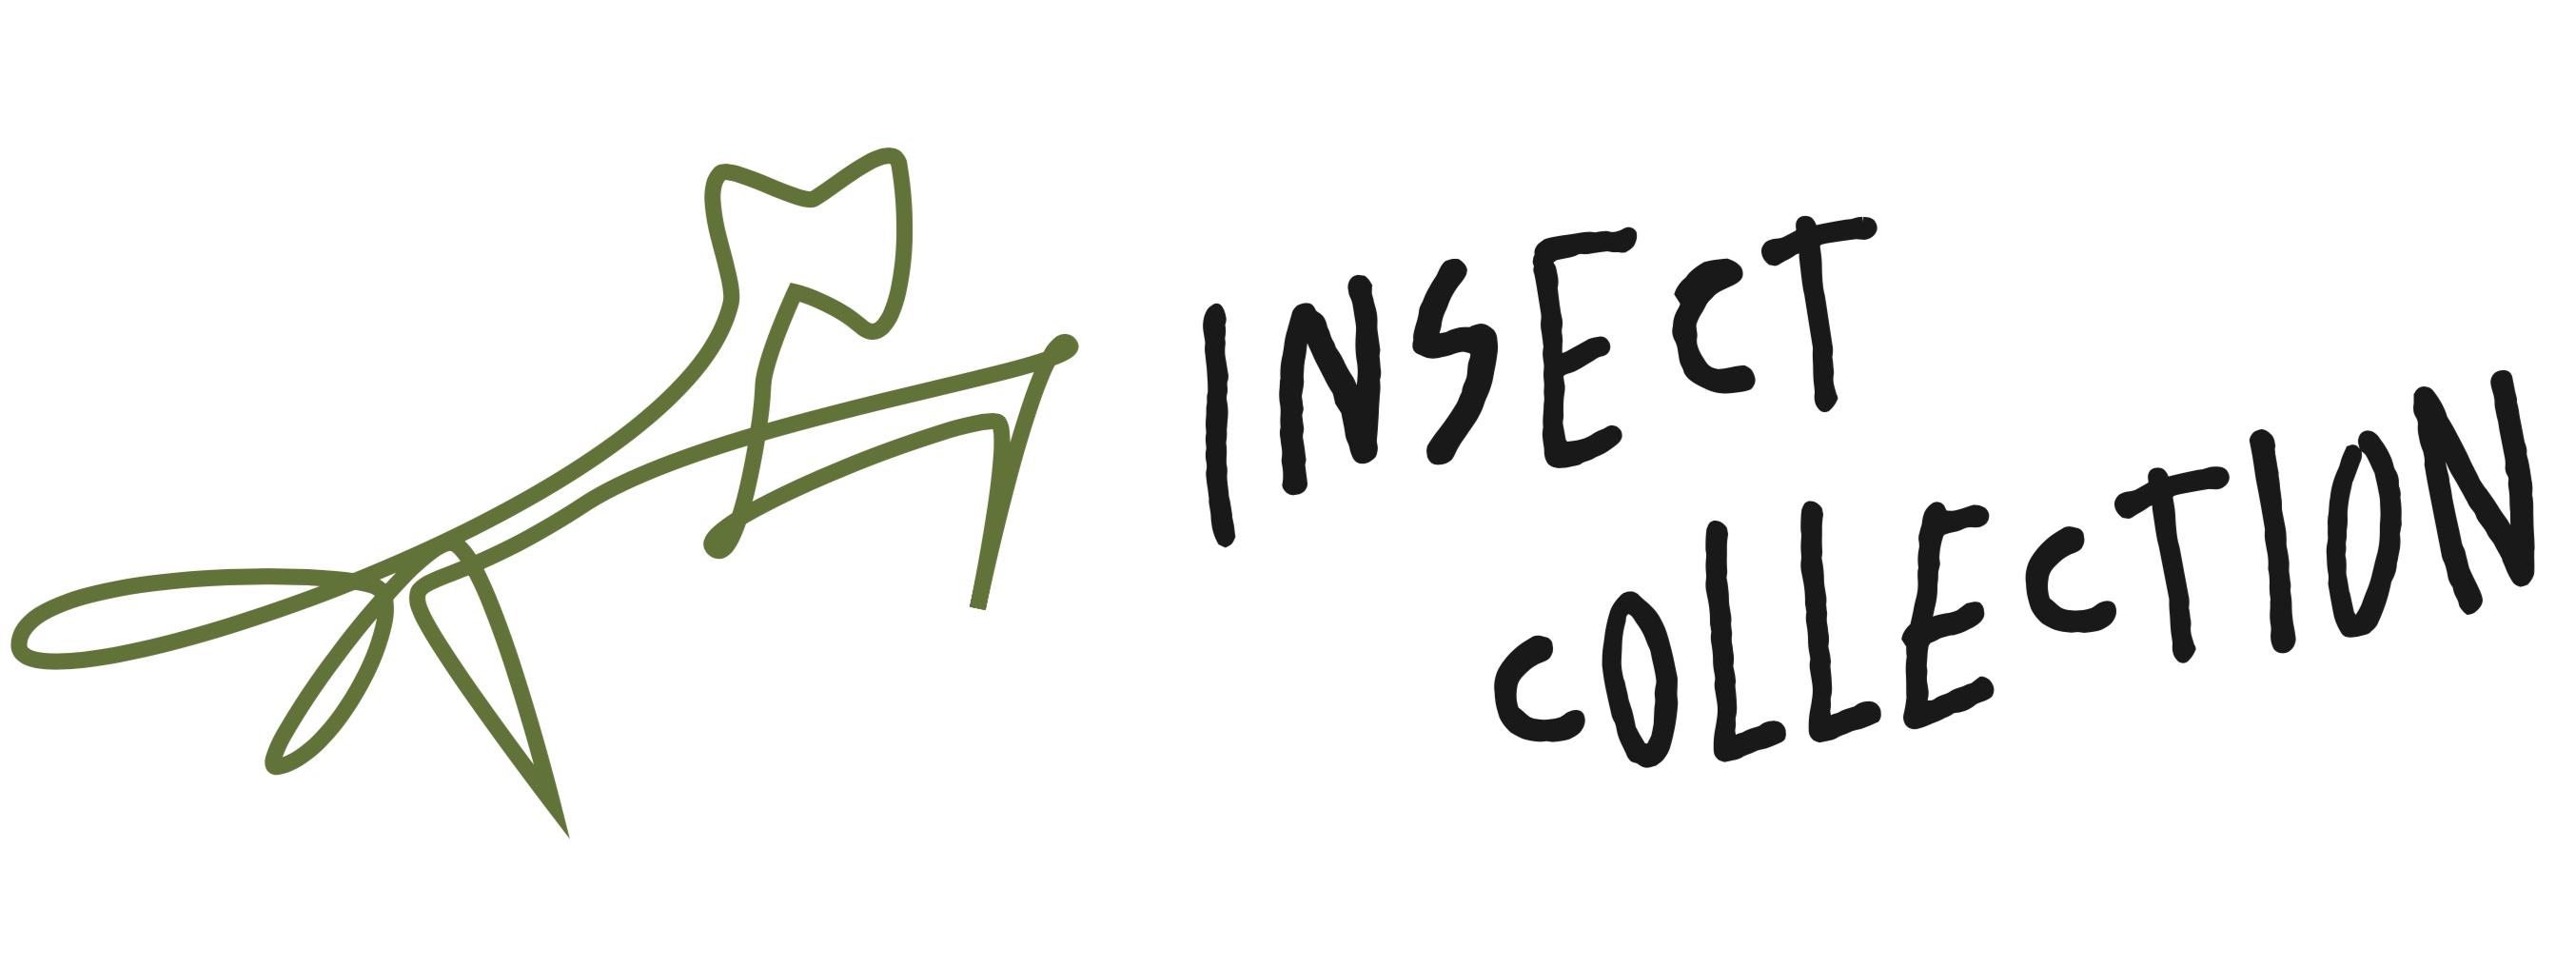 紀伊國屋書店:【フェア】香川照之さんプロデュース 昆虫服育ブランド『Insect Collection』期間限定販売のお知らせ